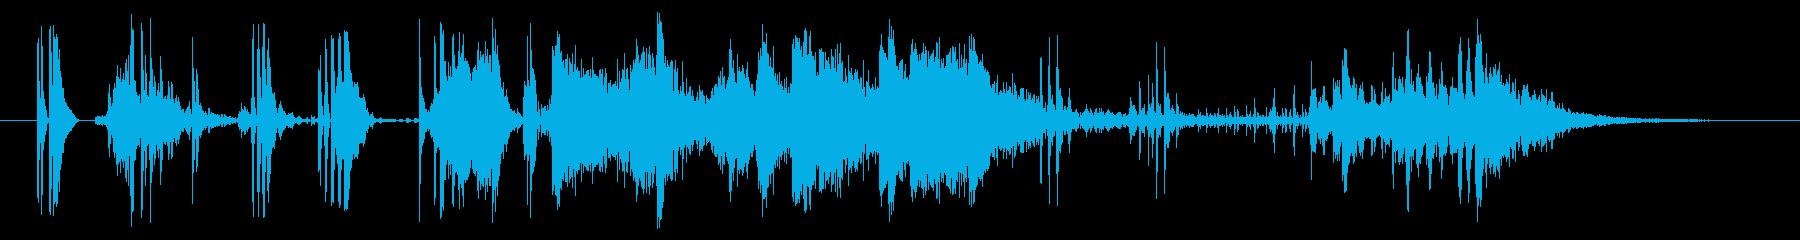 フィクション ロボット トランスフ...の再生済みの波形